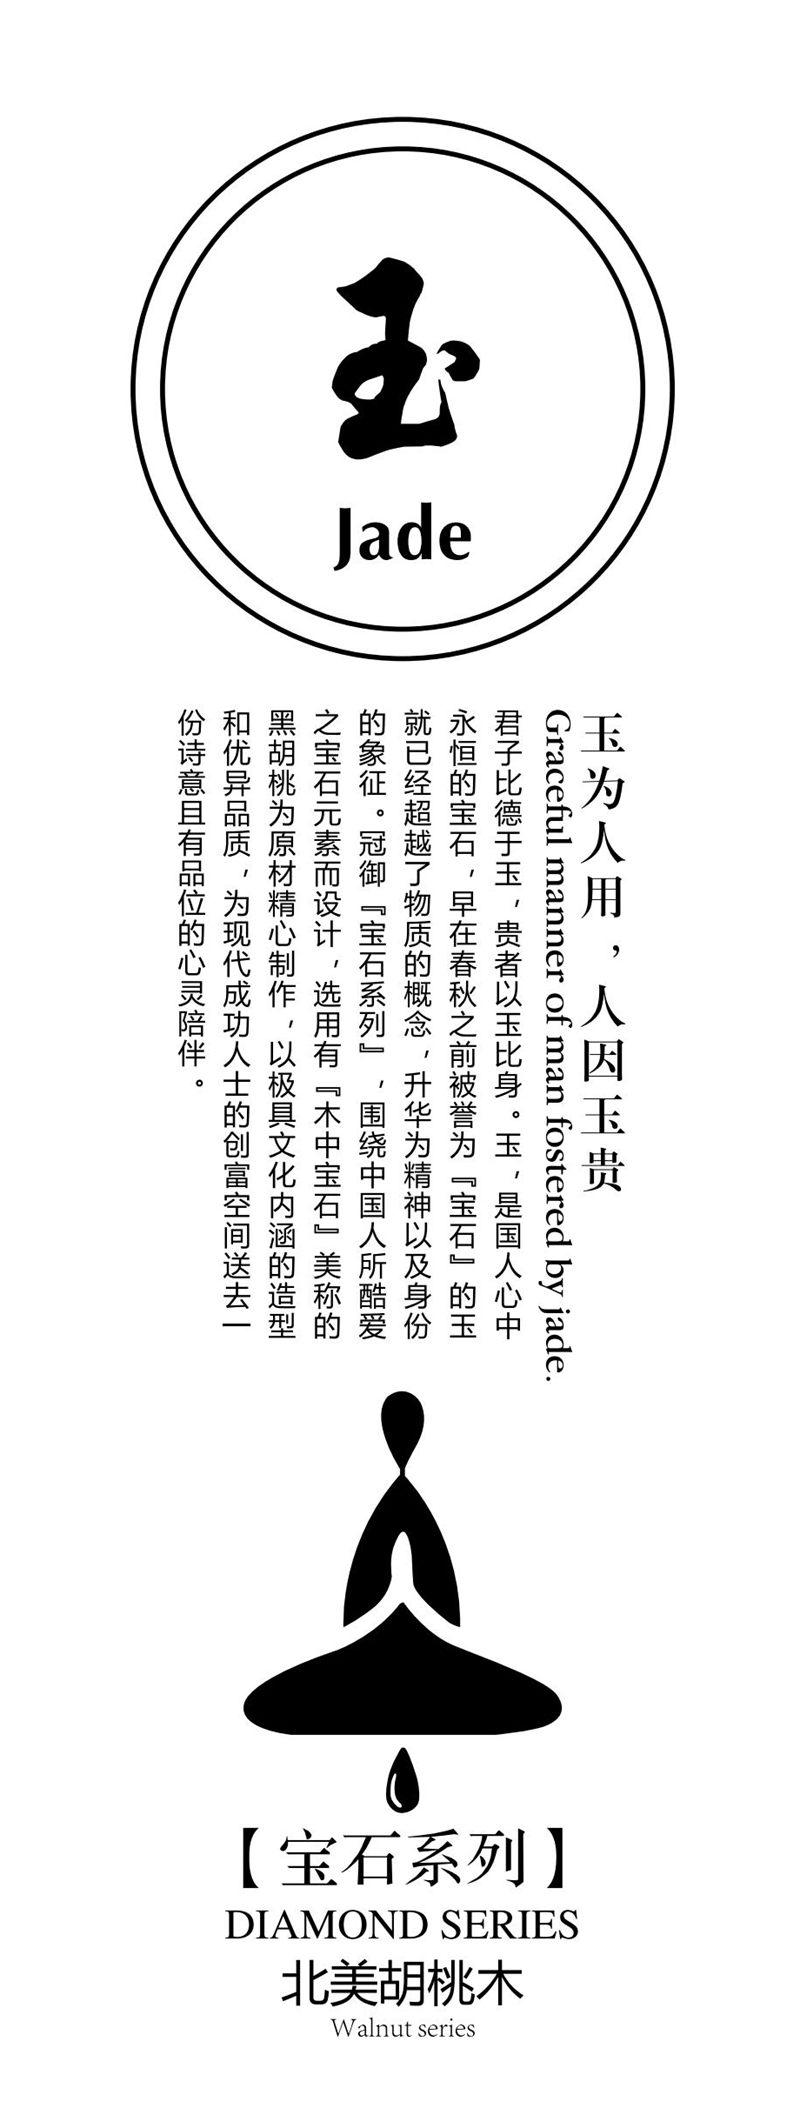 冠御品牌2019年产品画册(1)_07_副本_副本.jpg